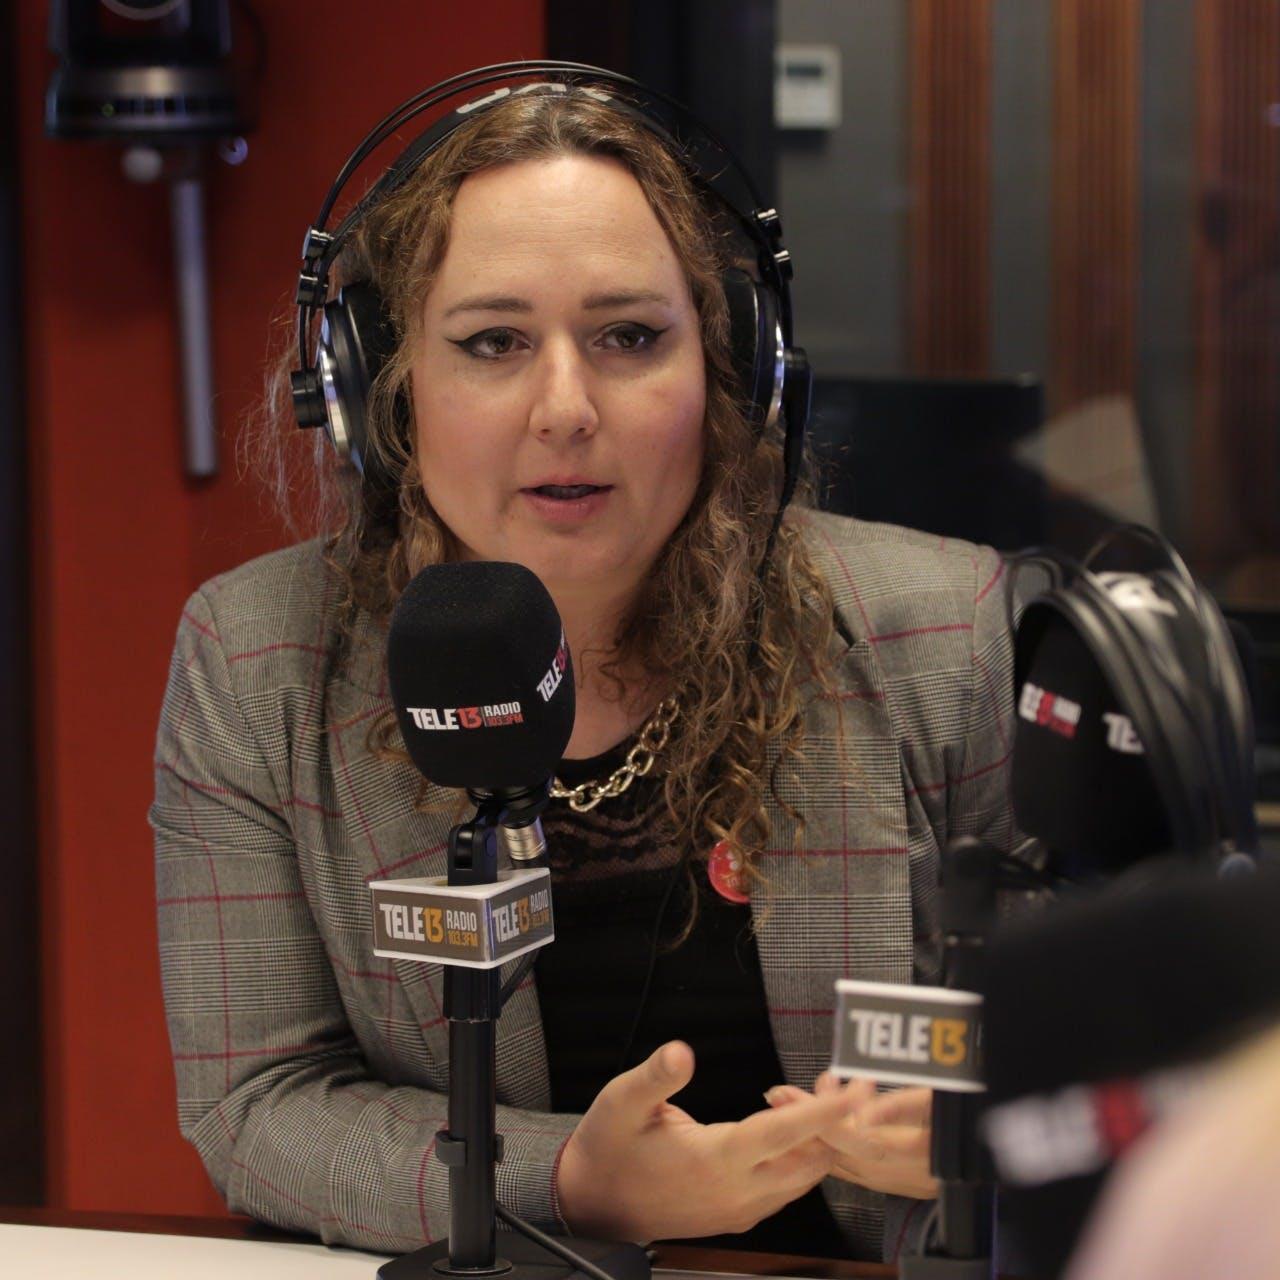 """Alessia Injoque de Fundación Iguales: """"Está pendiente la idea de legislar el matrimonio igualitario. El Gobierno se ha desentendido de los compromisos del Estado - Protagonistas - Digital - Emisor Podcasting"""